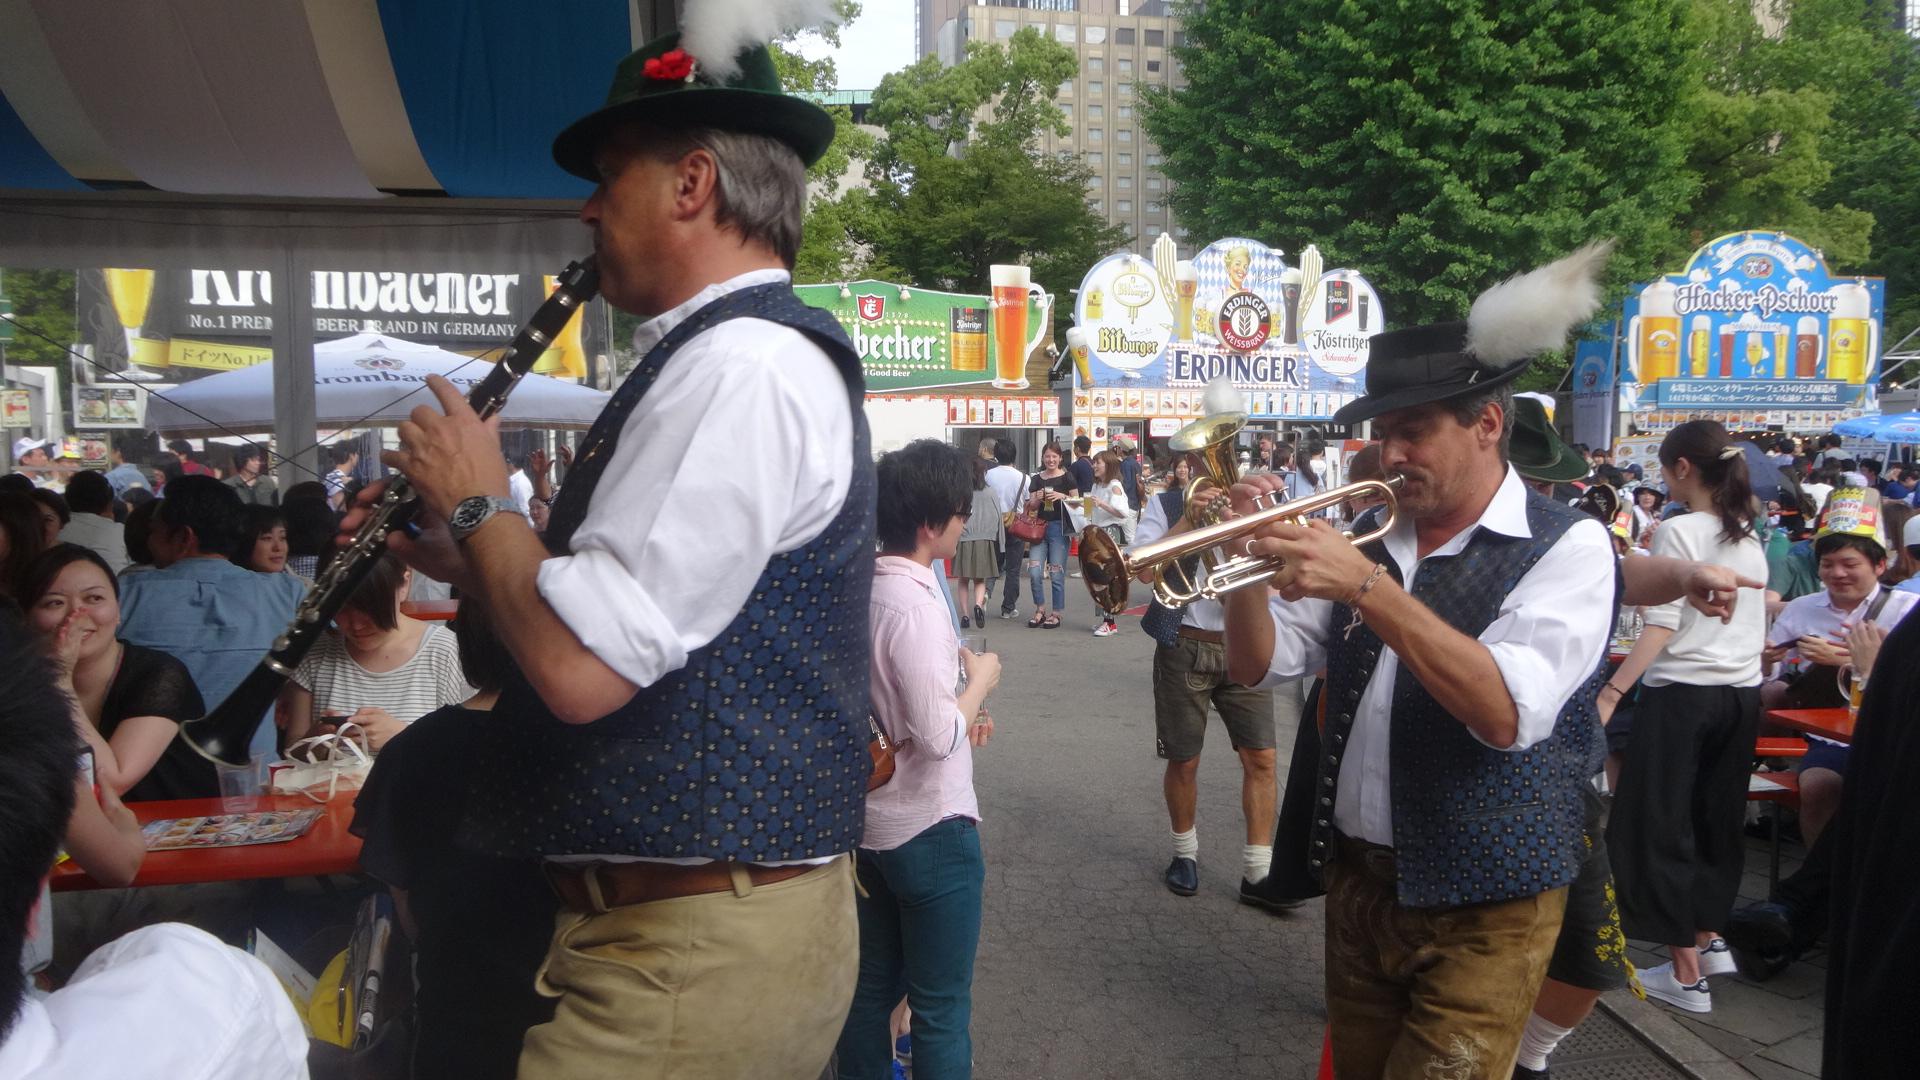 演奏しているブラスバンドの人たち1